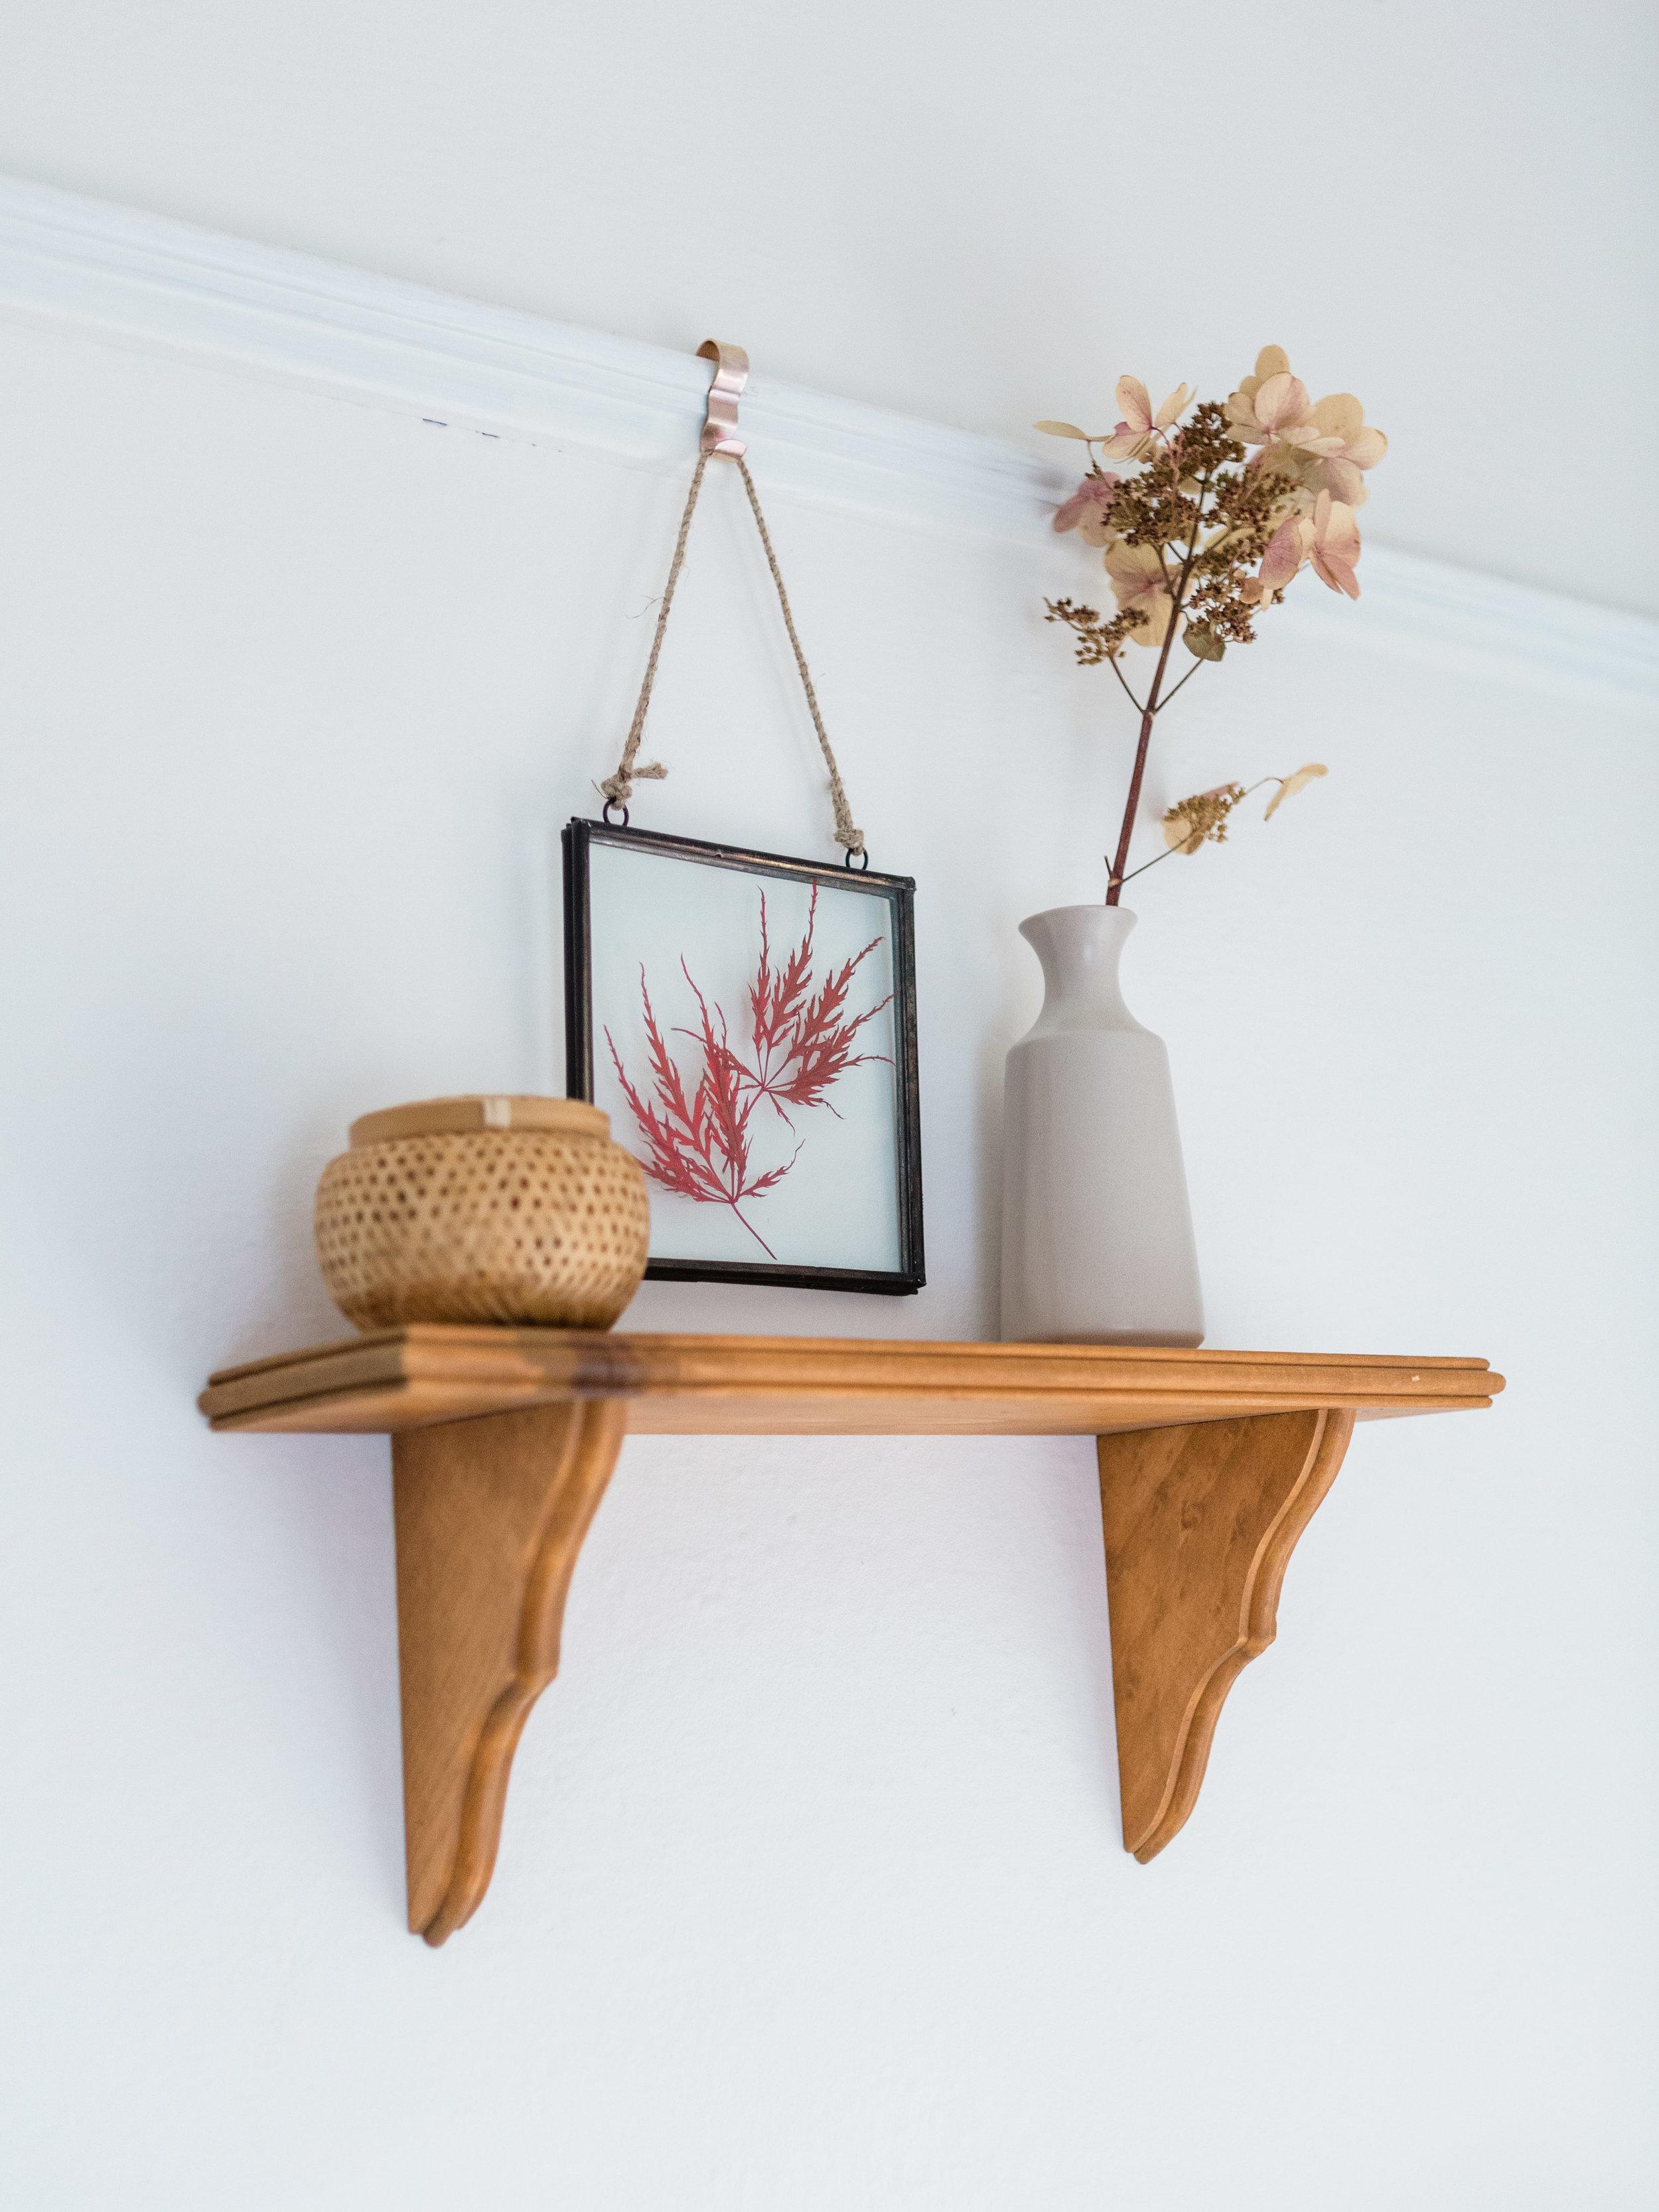 simple shelf decor ideas from foragedhome.com